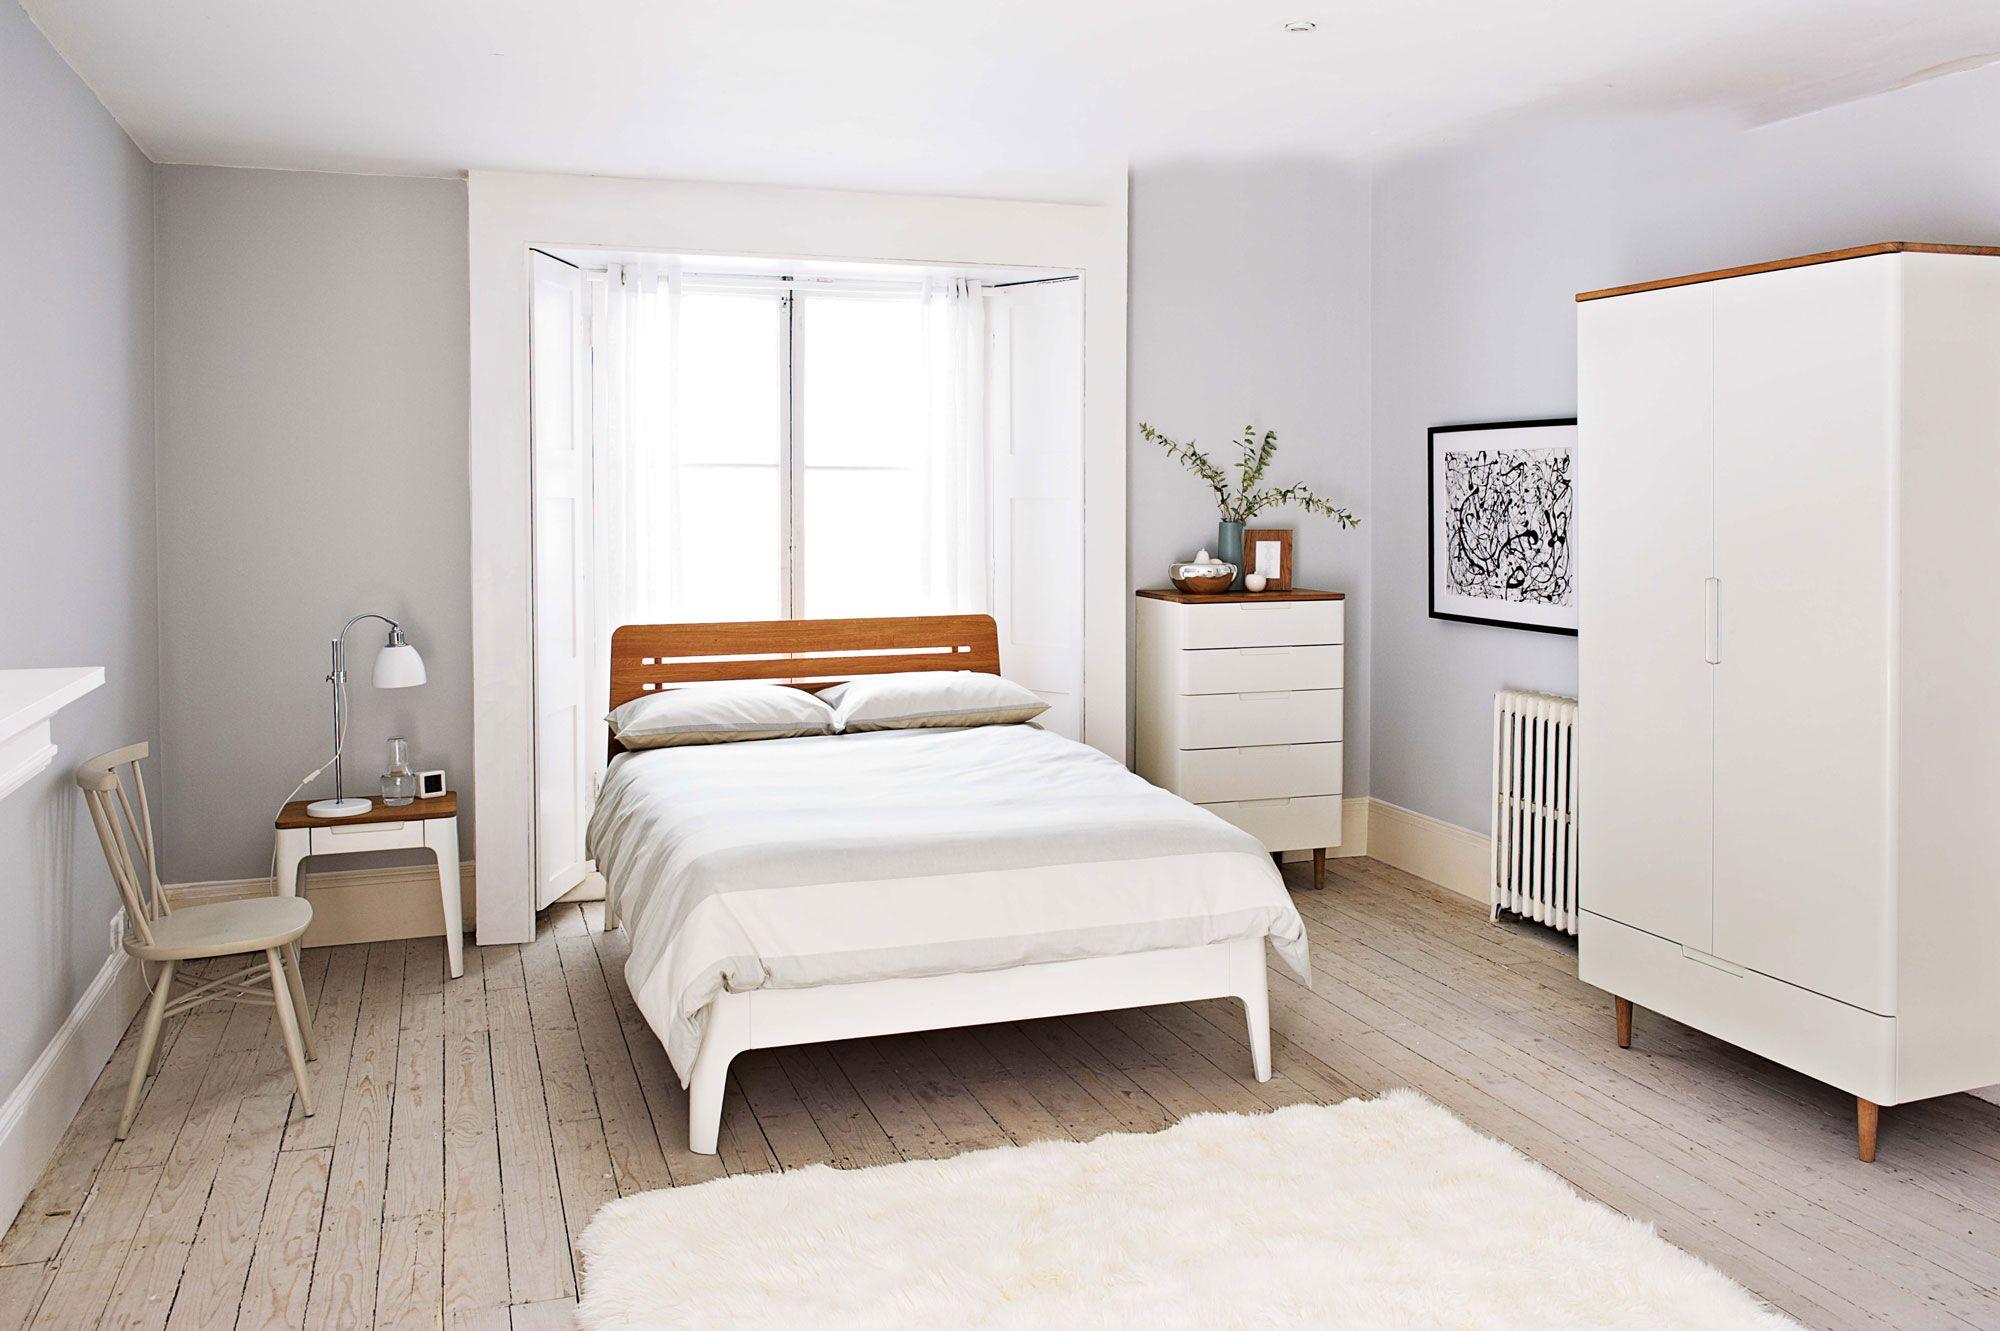 Hot interior trendy wooden floor as scandinavian theme - Scandinavian interior design bedroom ...